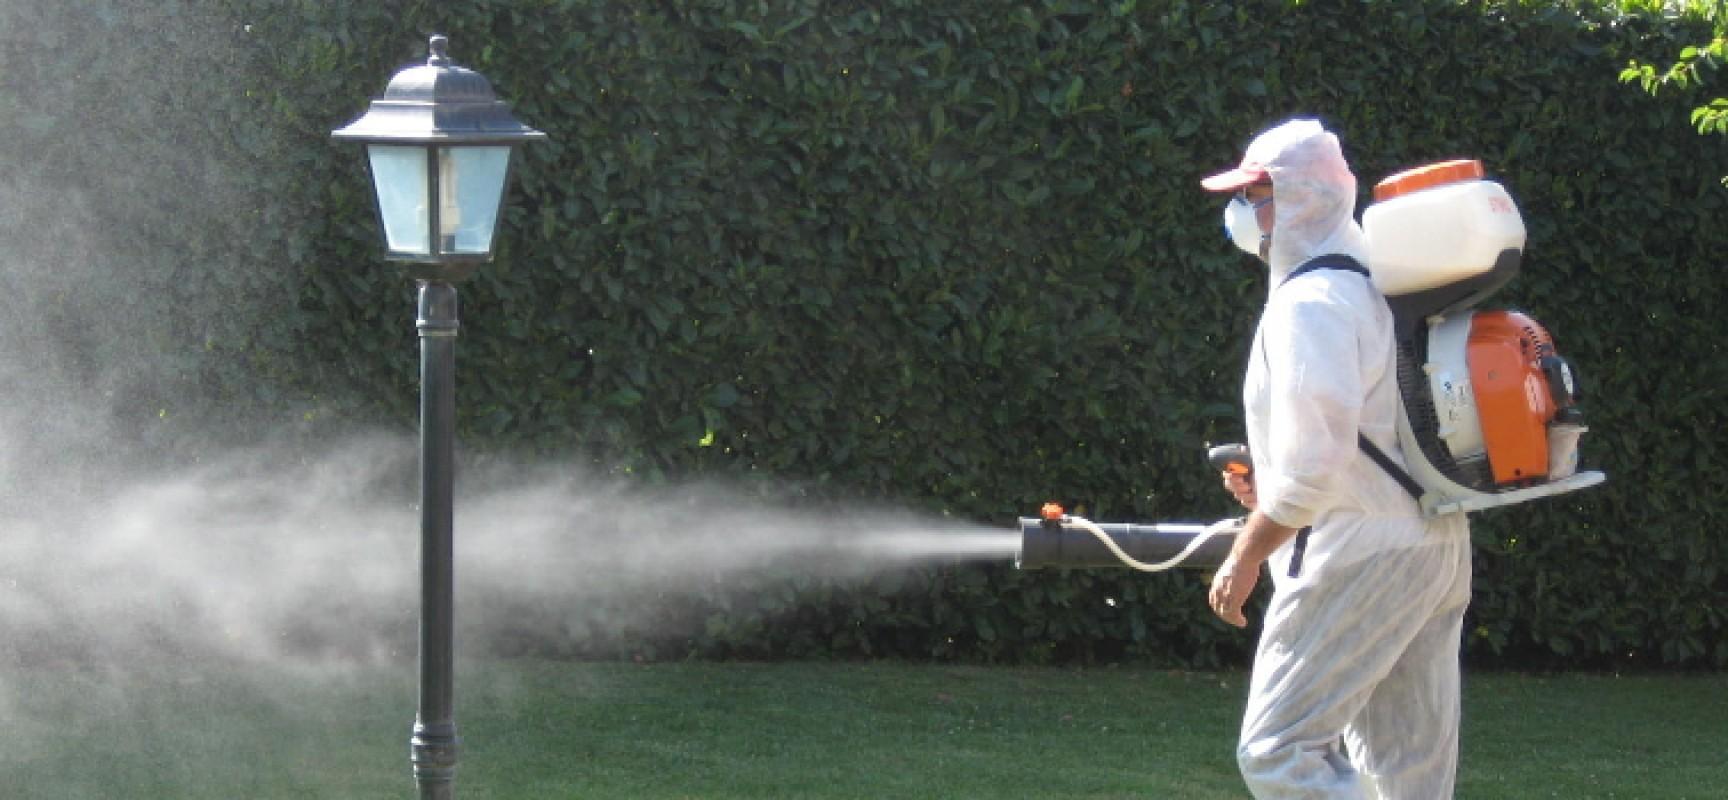 Disinfestazione contro mosche e zanzare, tenere ben chiuse porte e finestre / DETTAGLI